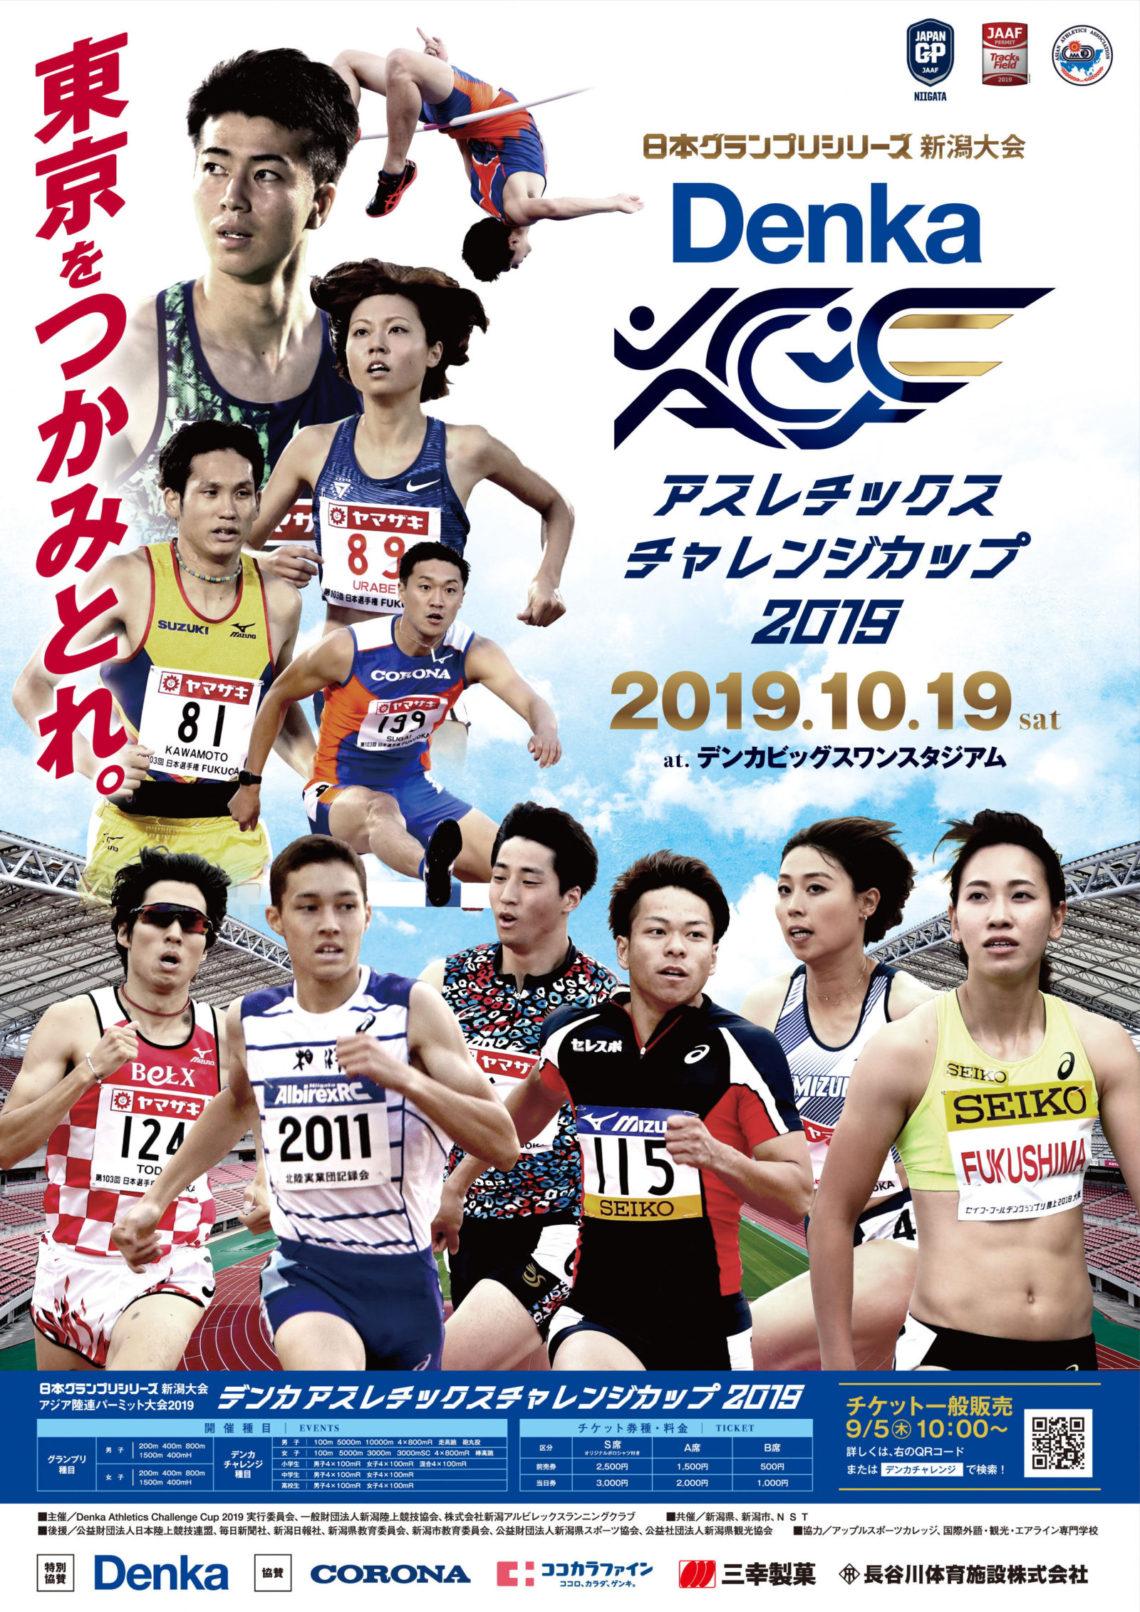 2019.10.19デンカアスレチックチャレンジ2019